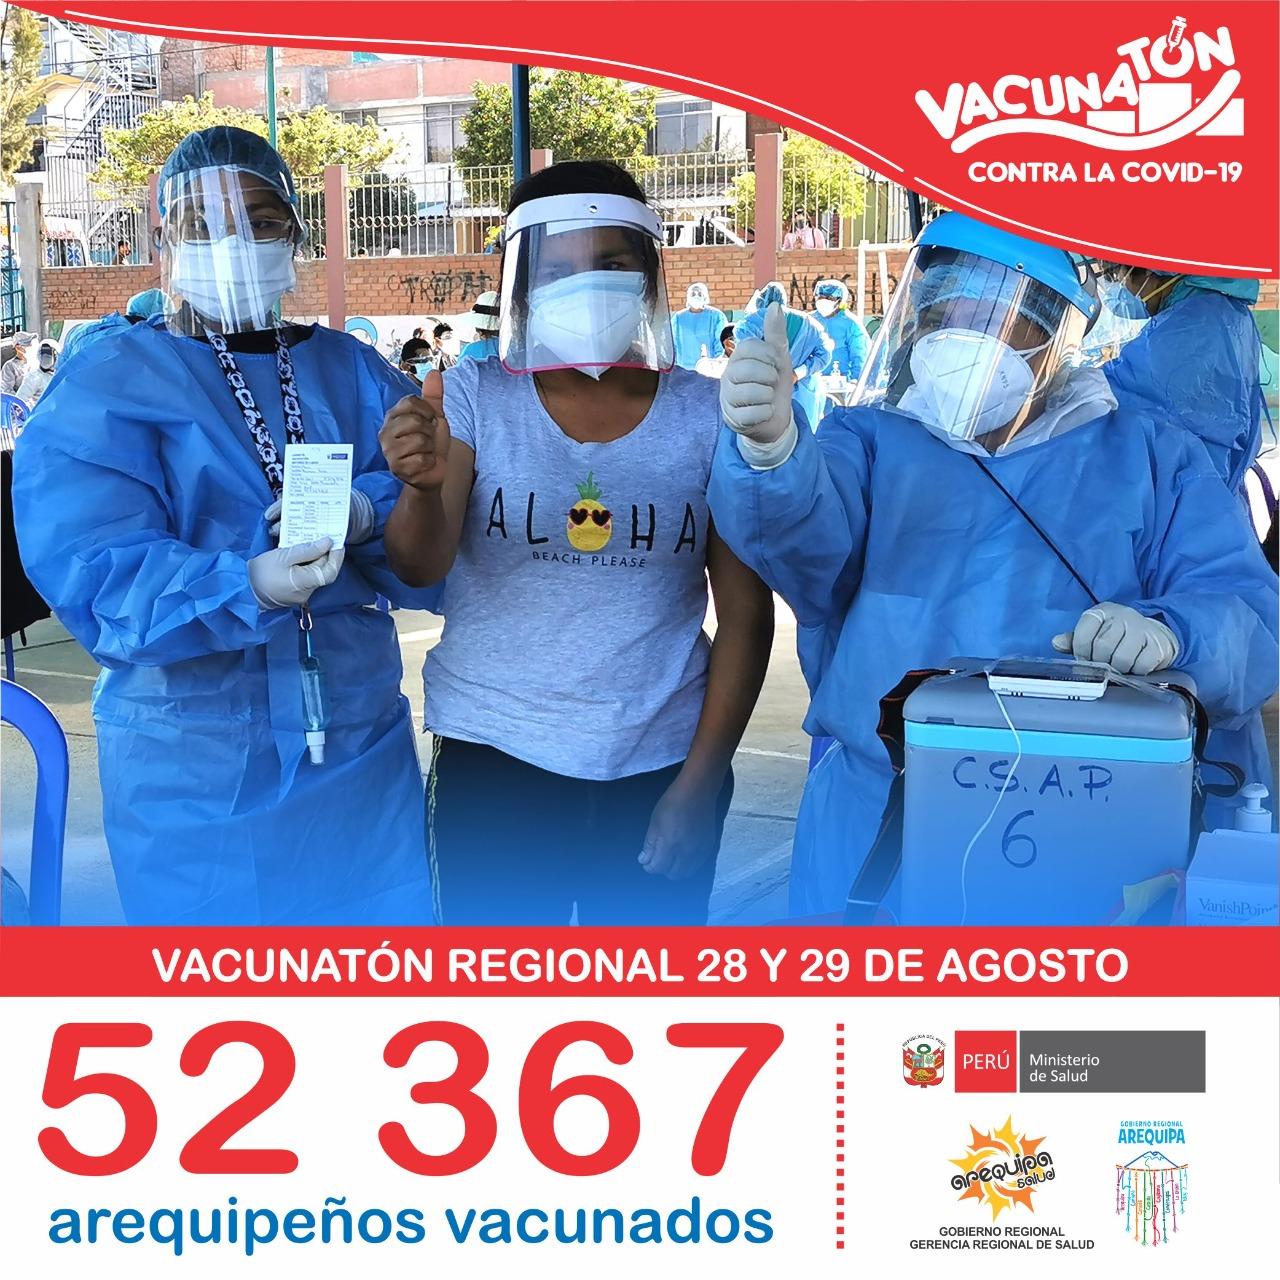 Vacunatón realizado este fin de semana en Arequipa fue un éxito, lograndose superar la meta proyectada